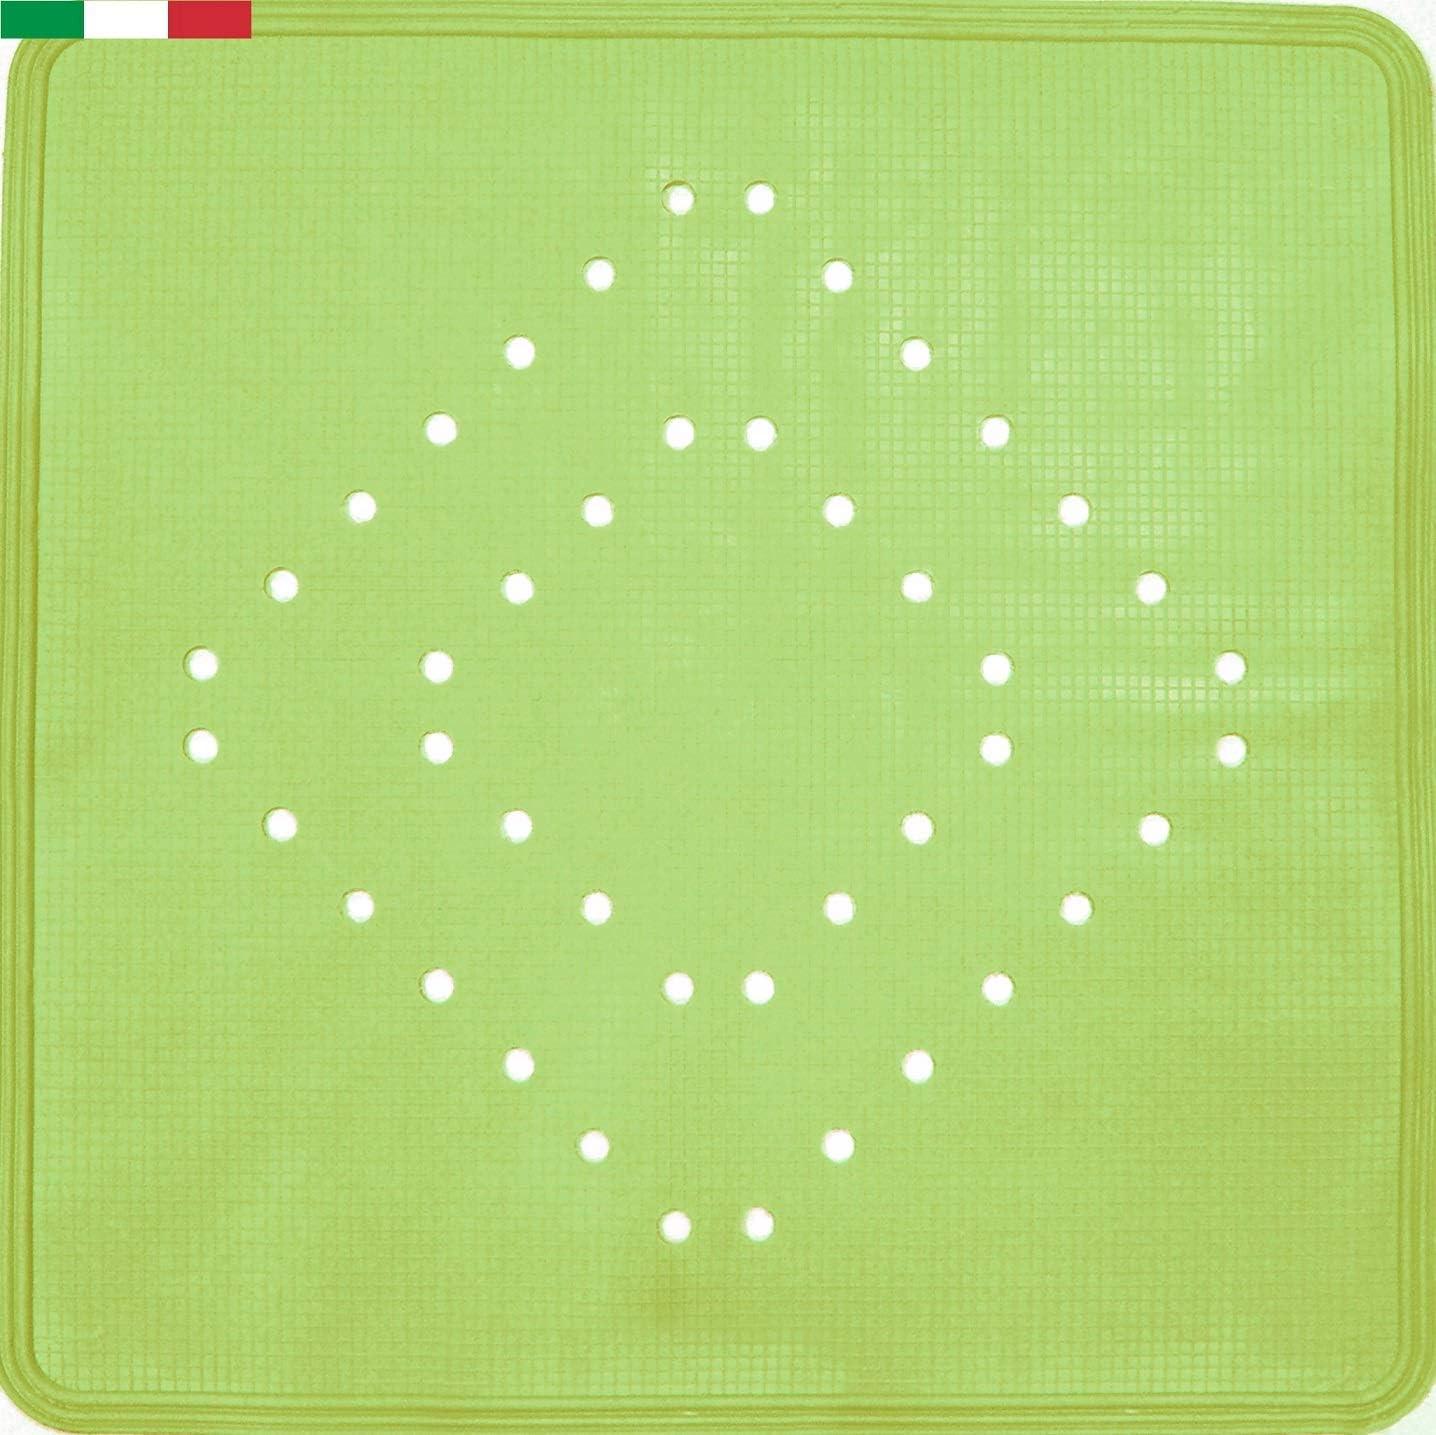 Made in Italy CENNI 81356 Tappeto Antiscivolo Doccia Verde 54 x 54 cm in Gomma